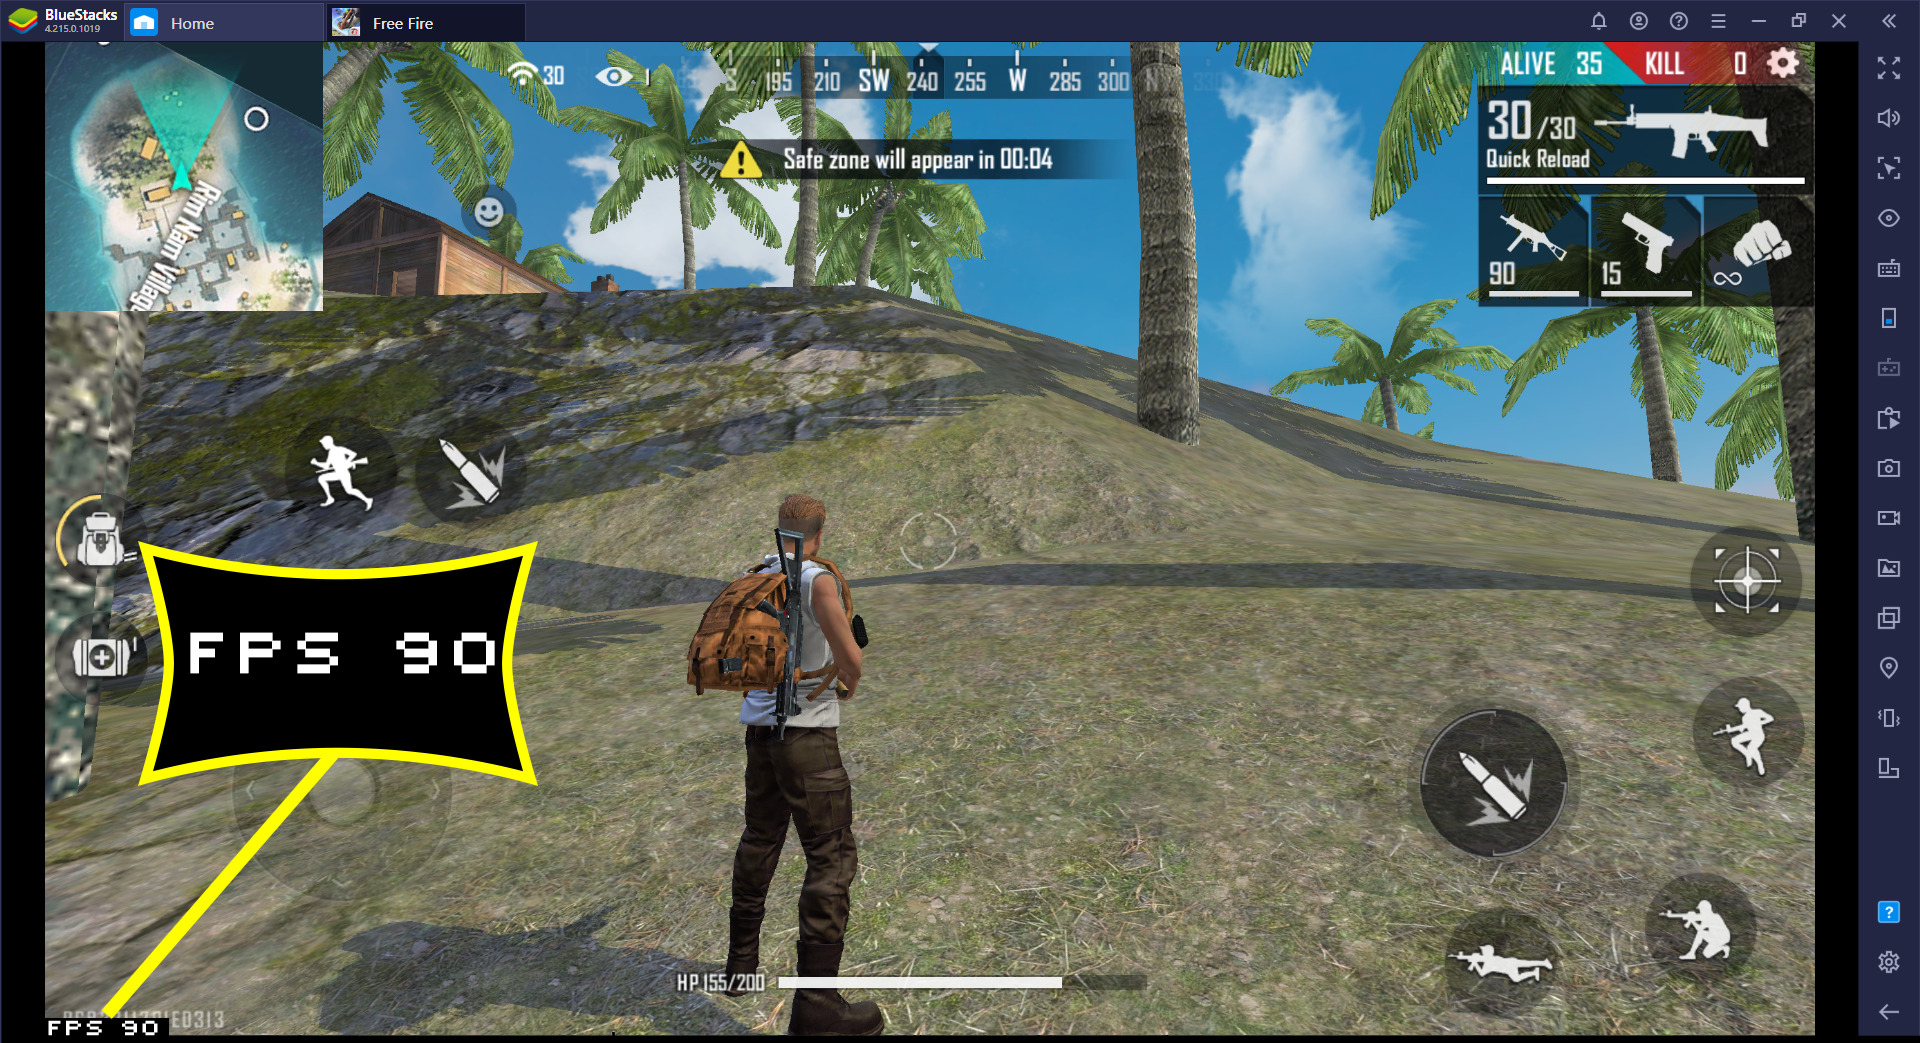 Tính năng mới: Kích hoạt 90 FPS trong Garena Free Fire với BlueStacks